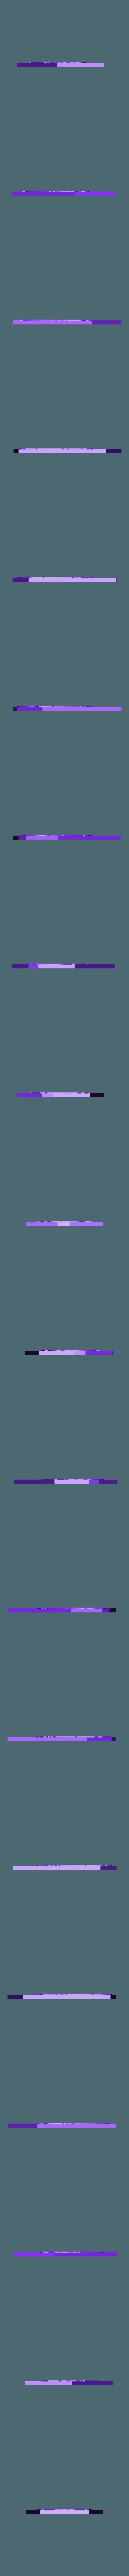 BLACK.stl Télécharger fichier STL gratuit Insigne du Seigneur des Étoiles • Modèle pour impression 3D, 3Dimpact